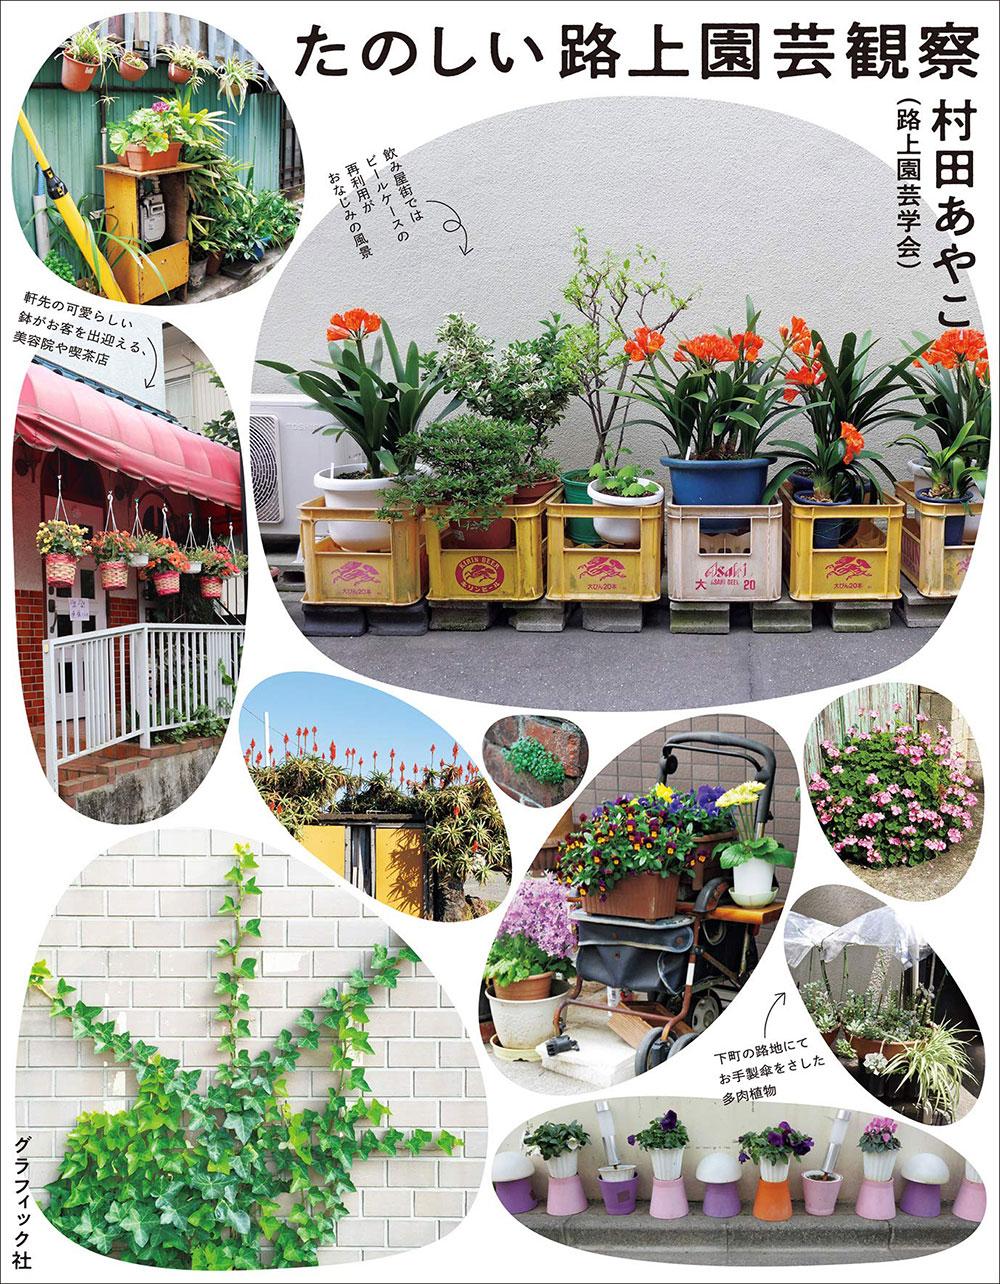 そのほか、村田さんの路上園芸観察の楽しみ方は『たのしい路上園芸観察』でチェックを!